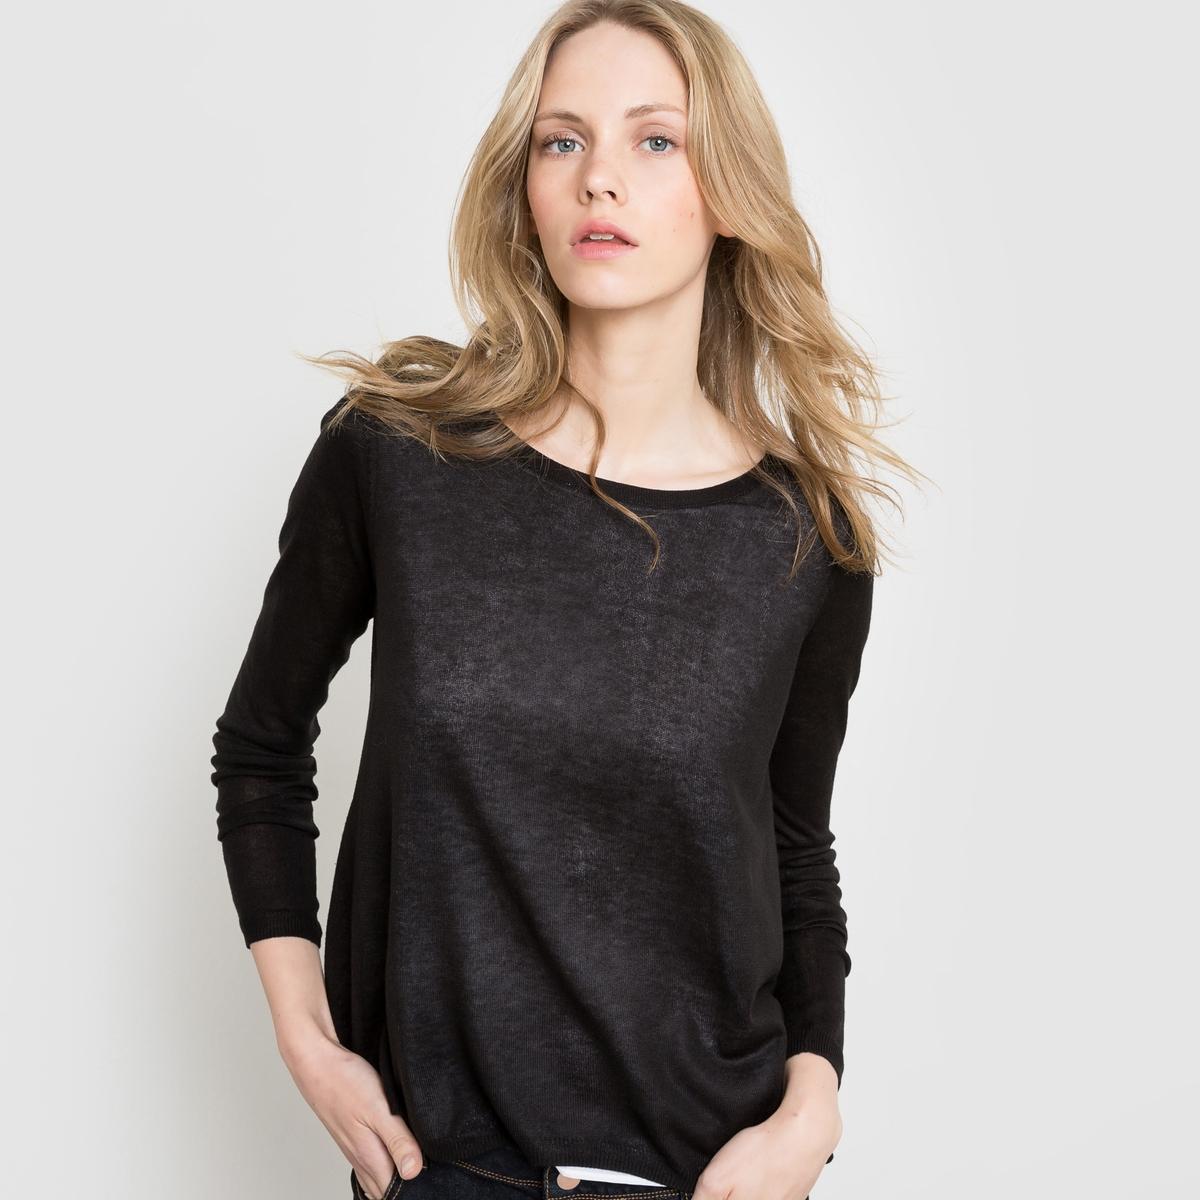 Пуловер с блузкой, 2 в 1Пуловер с длинными рукавами. Пуловер фасона 2 в 1, пуловер сверху блузки из вуали. Спина открытая, снизу белая блузка из вуали. Свободный круглый вырез. Отделка вязкой в рубчик по низу и на манжетах. Состав и описание:Материал: пуловер 100% акрила, блузка 100% полиэстера.Длина: 66 см.Марка: R Edition.Уход:- Стирать при 30°С с вещами схожих цветов.<br><br>Цвет: серый меланж,черный<br>Размер: 42/44 (FR) - 48/50 (RUS)